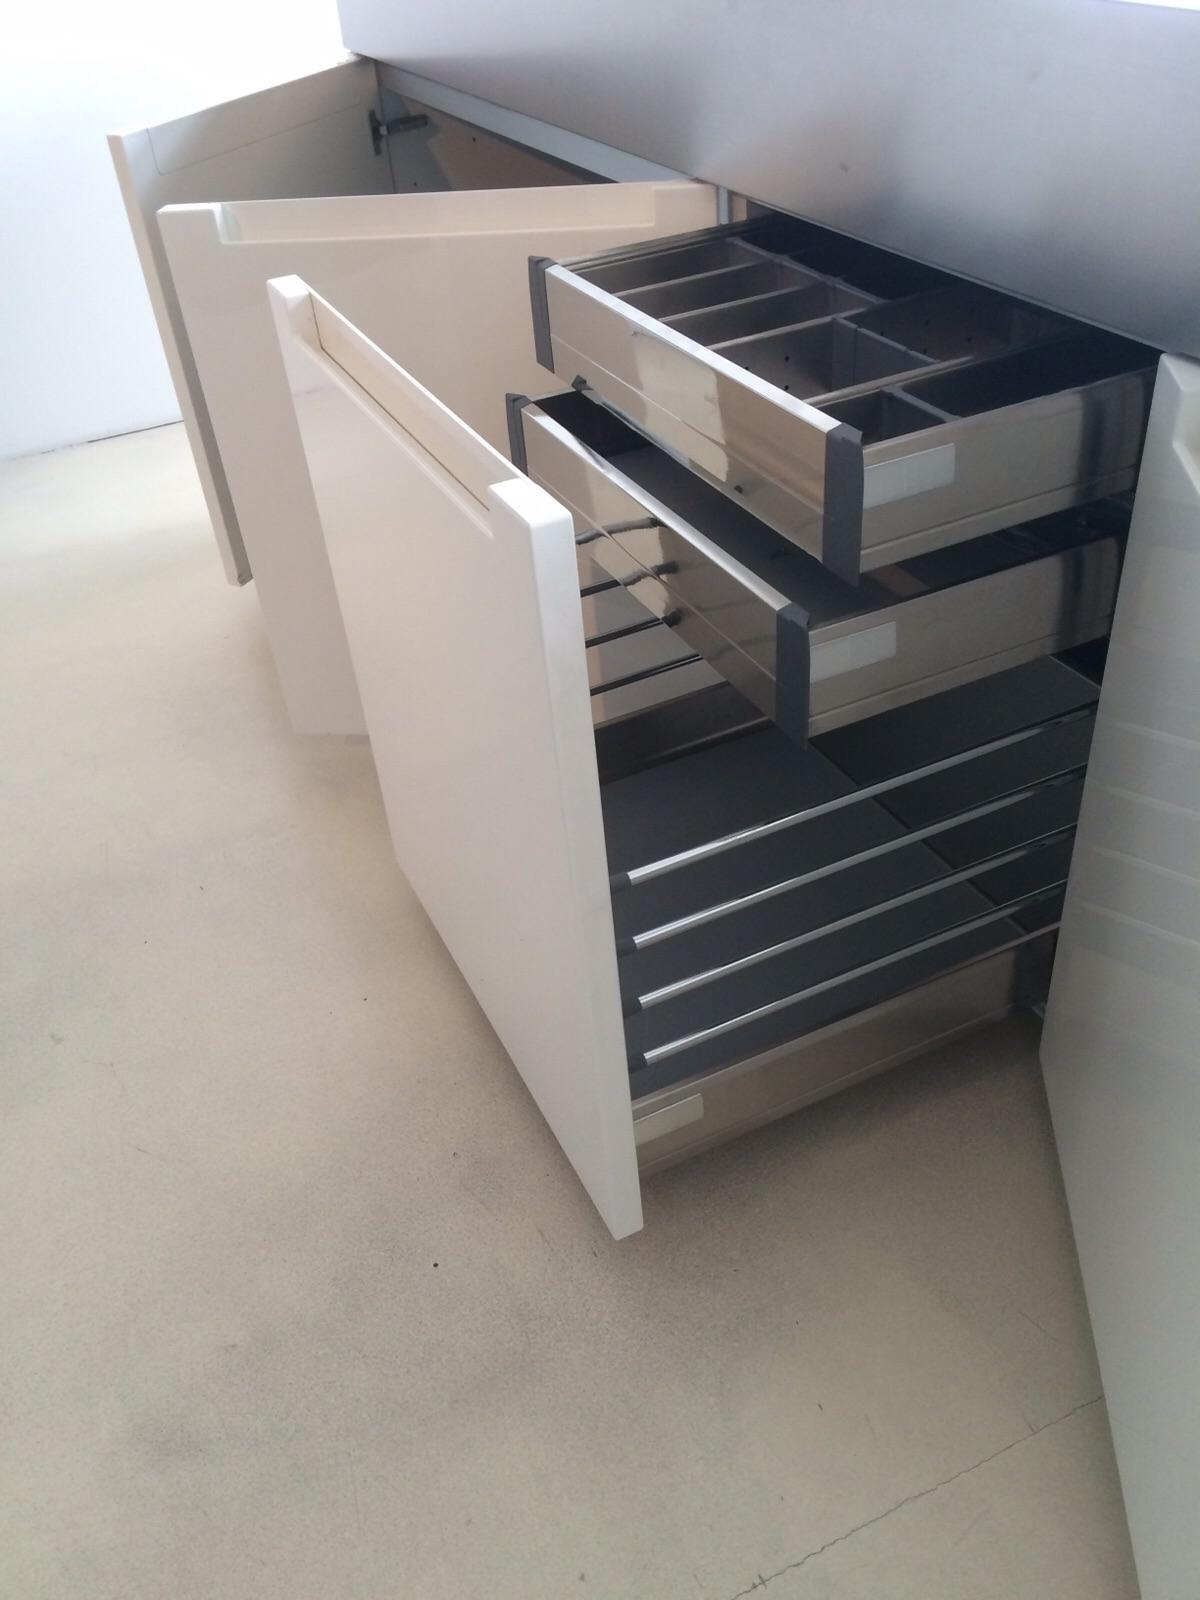 Cucina a isola binova di design laccata lucida bianca - Cucina a isola ...